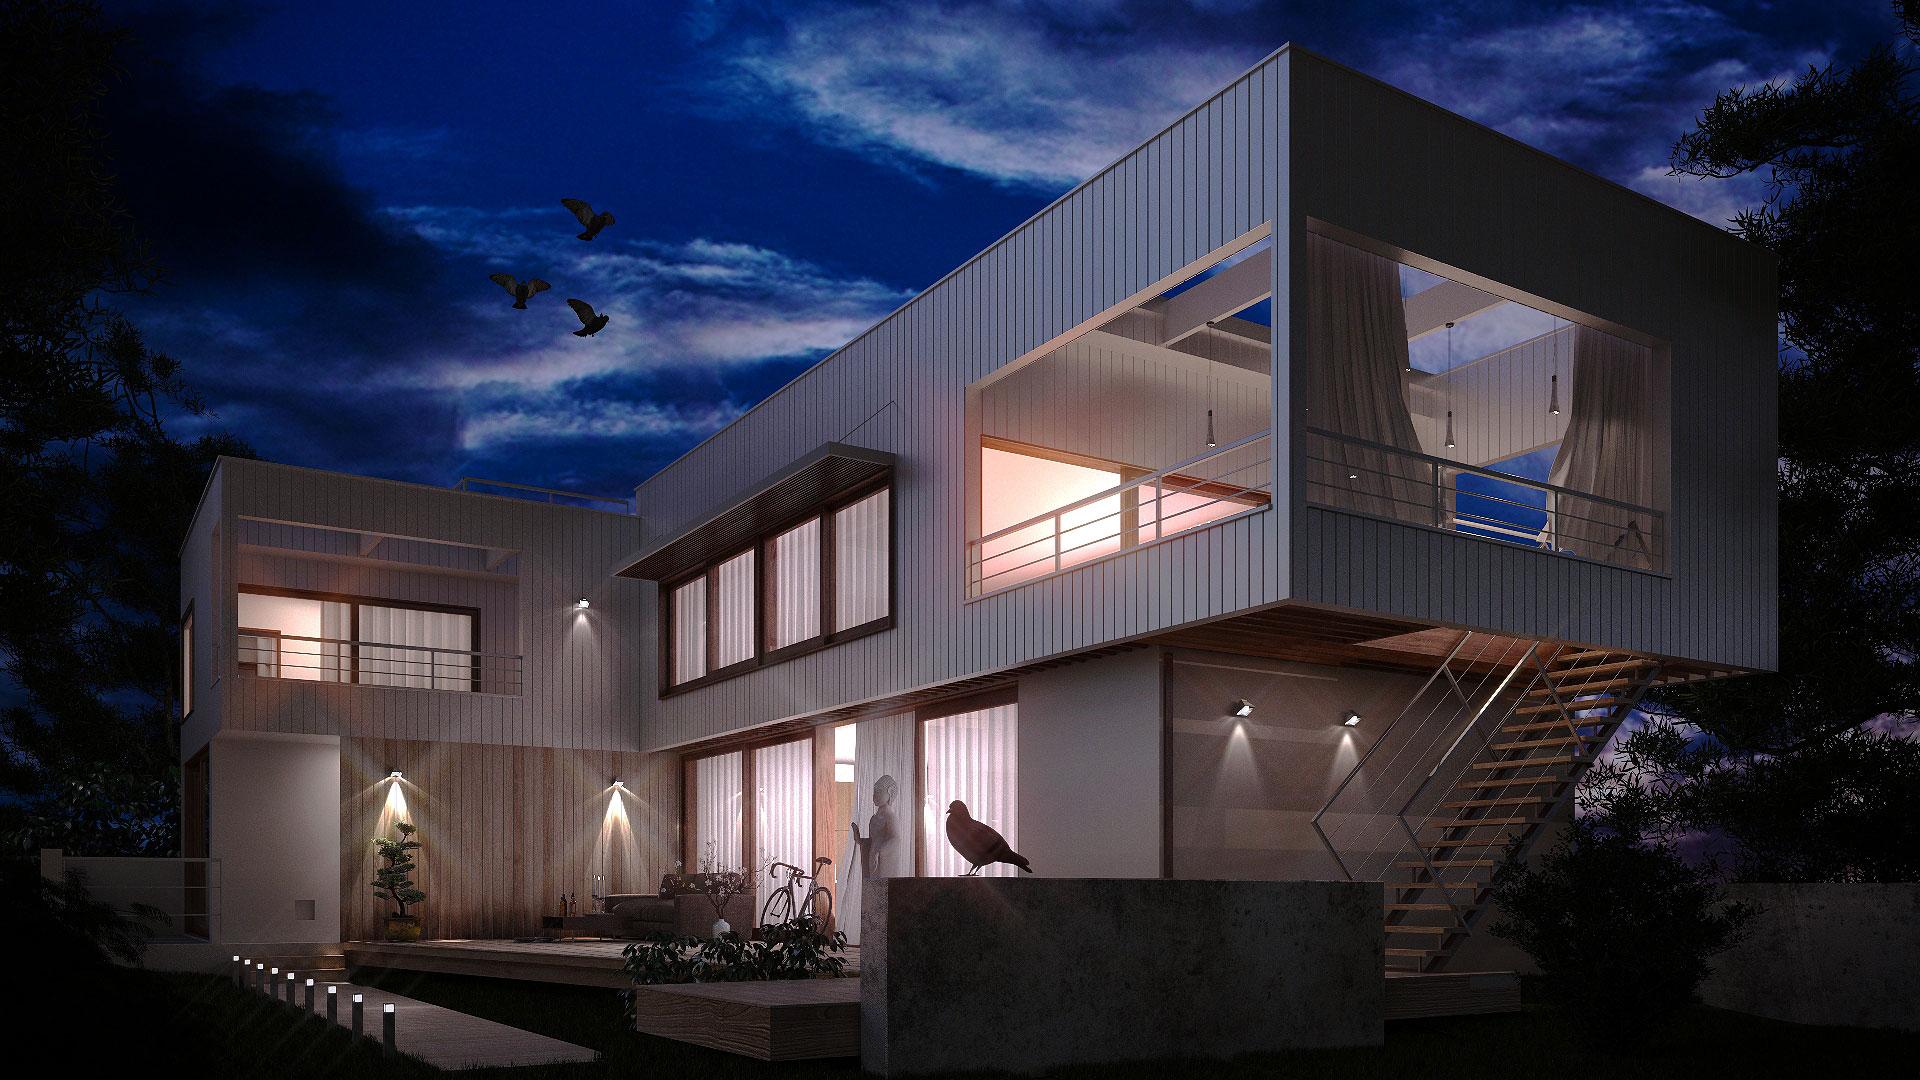 Architettura E Design villa meral | studio corbetta architettura e design | media